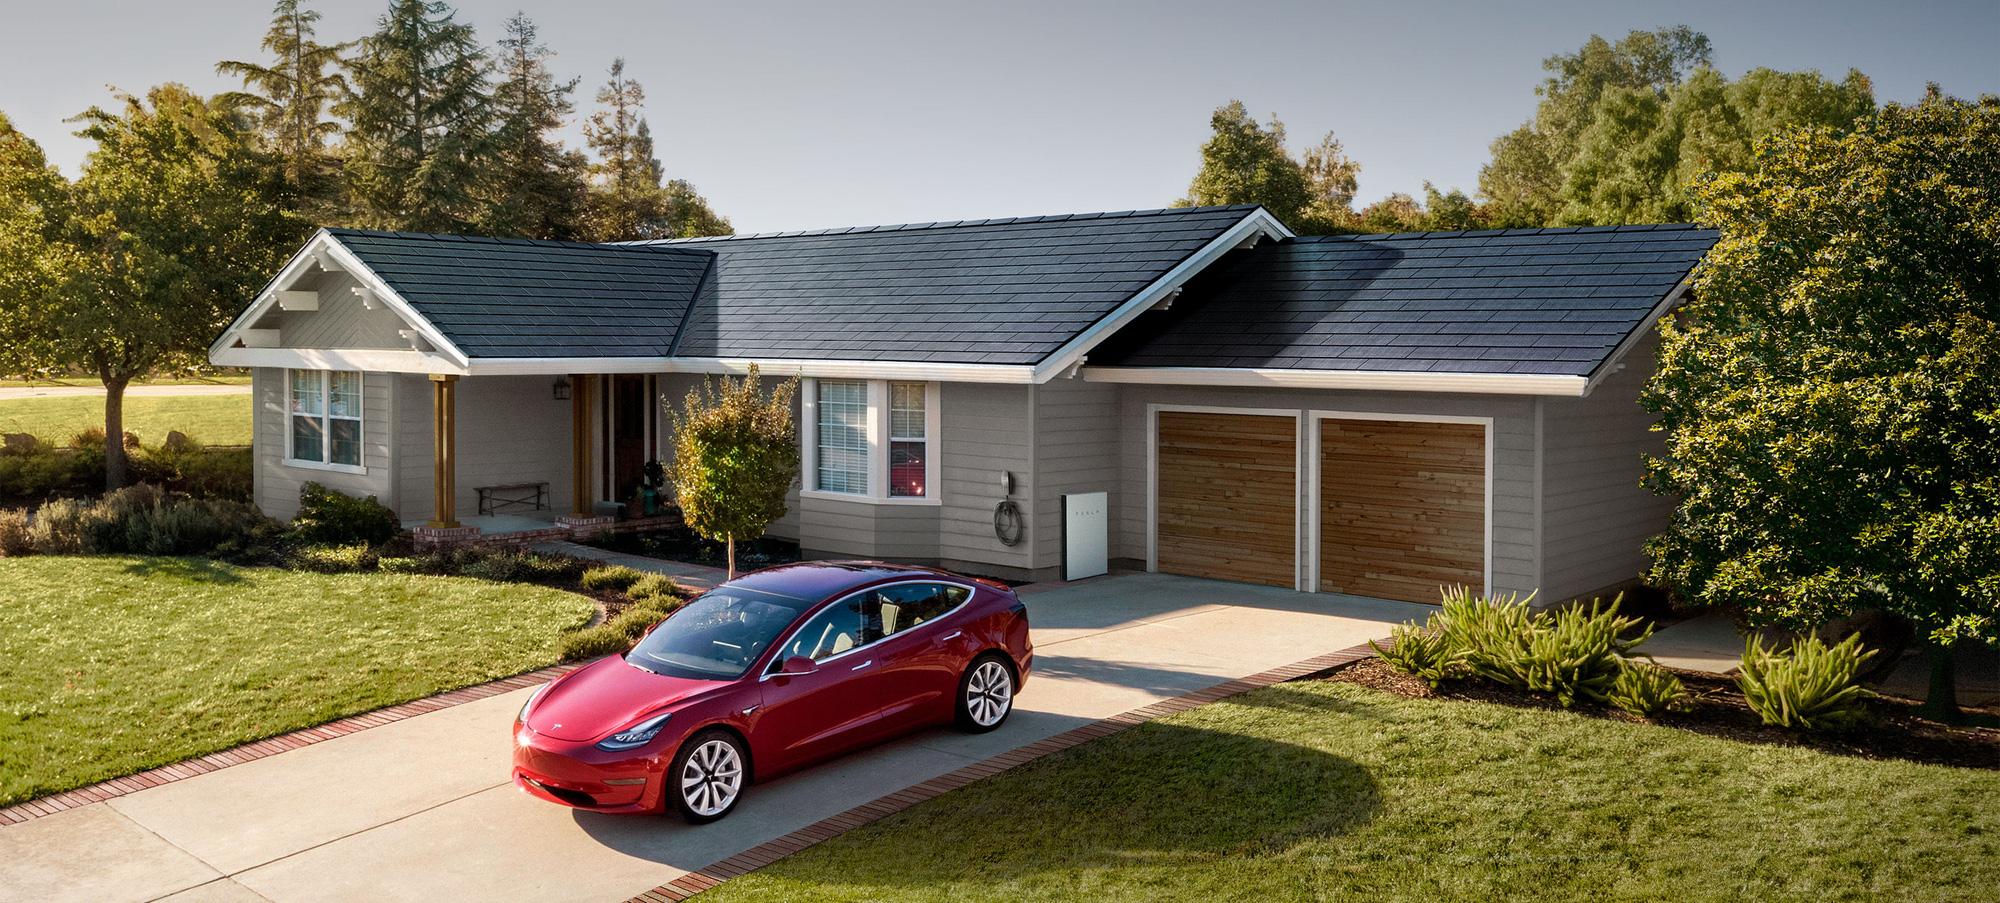 Tỷ phú Elon Musk chia sẻ Tesla đã gây ra phần lớn nỗi đau trong cuộc đời của ông, định hướng sang sử dụng năng lượng tái tạo - Ảnh 2.